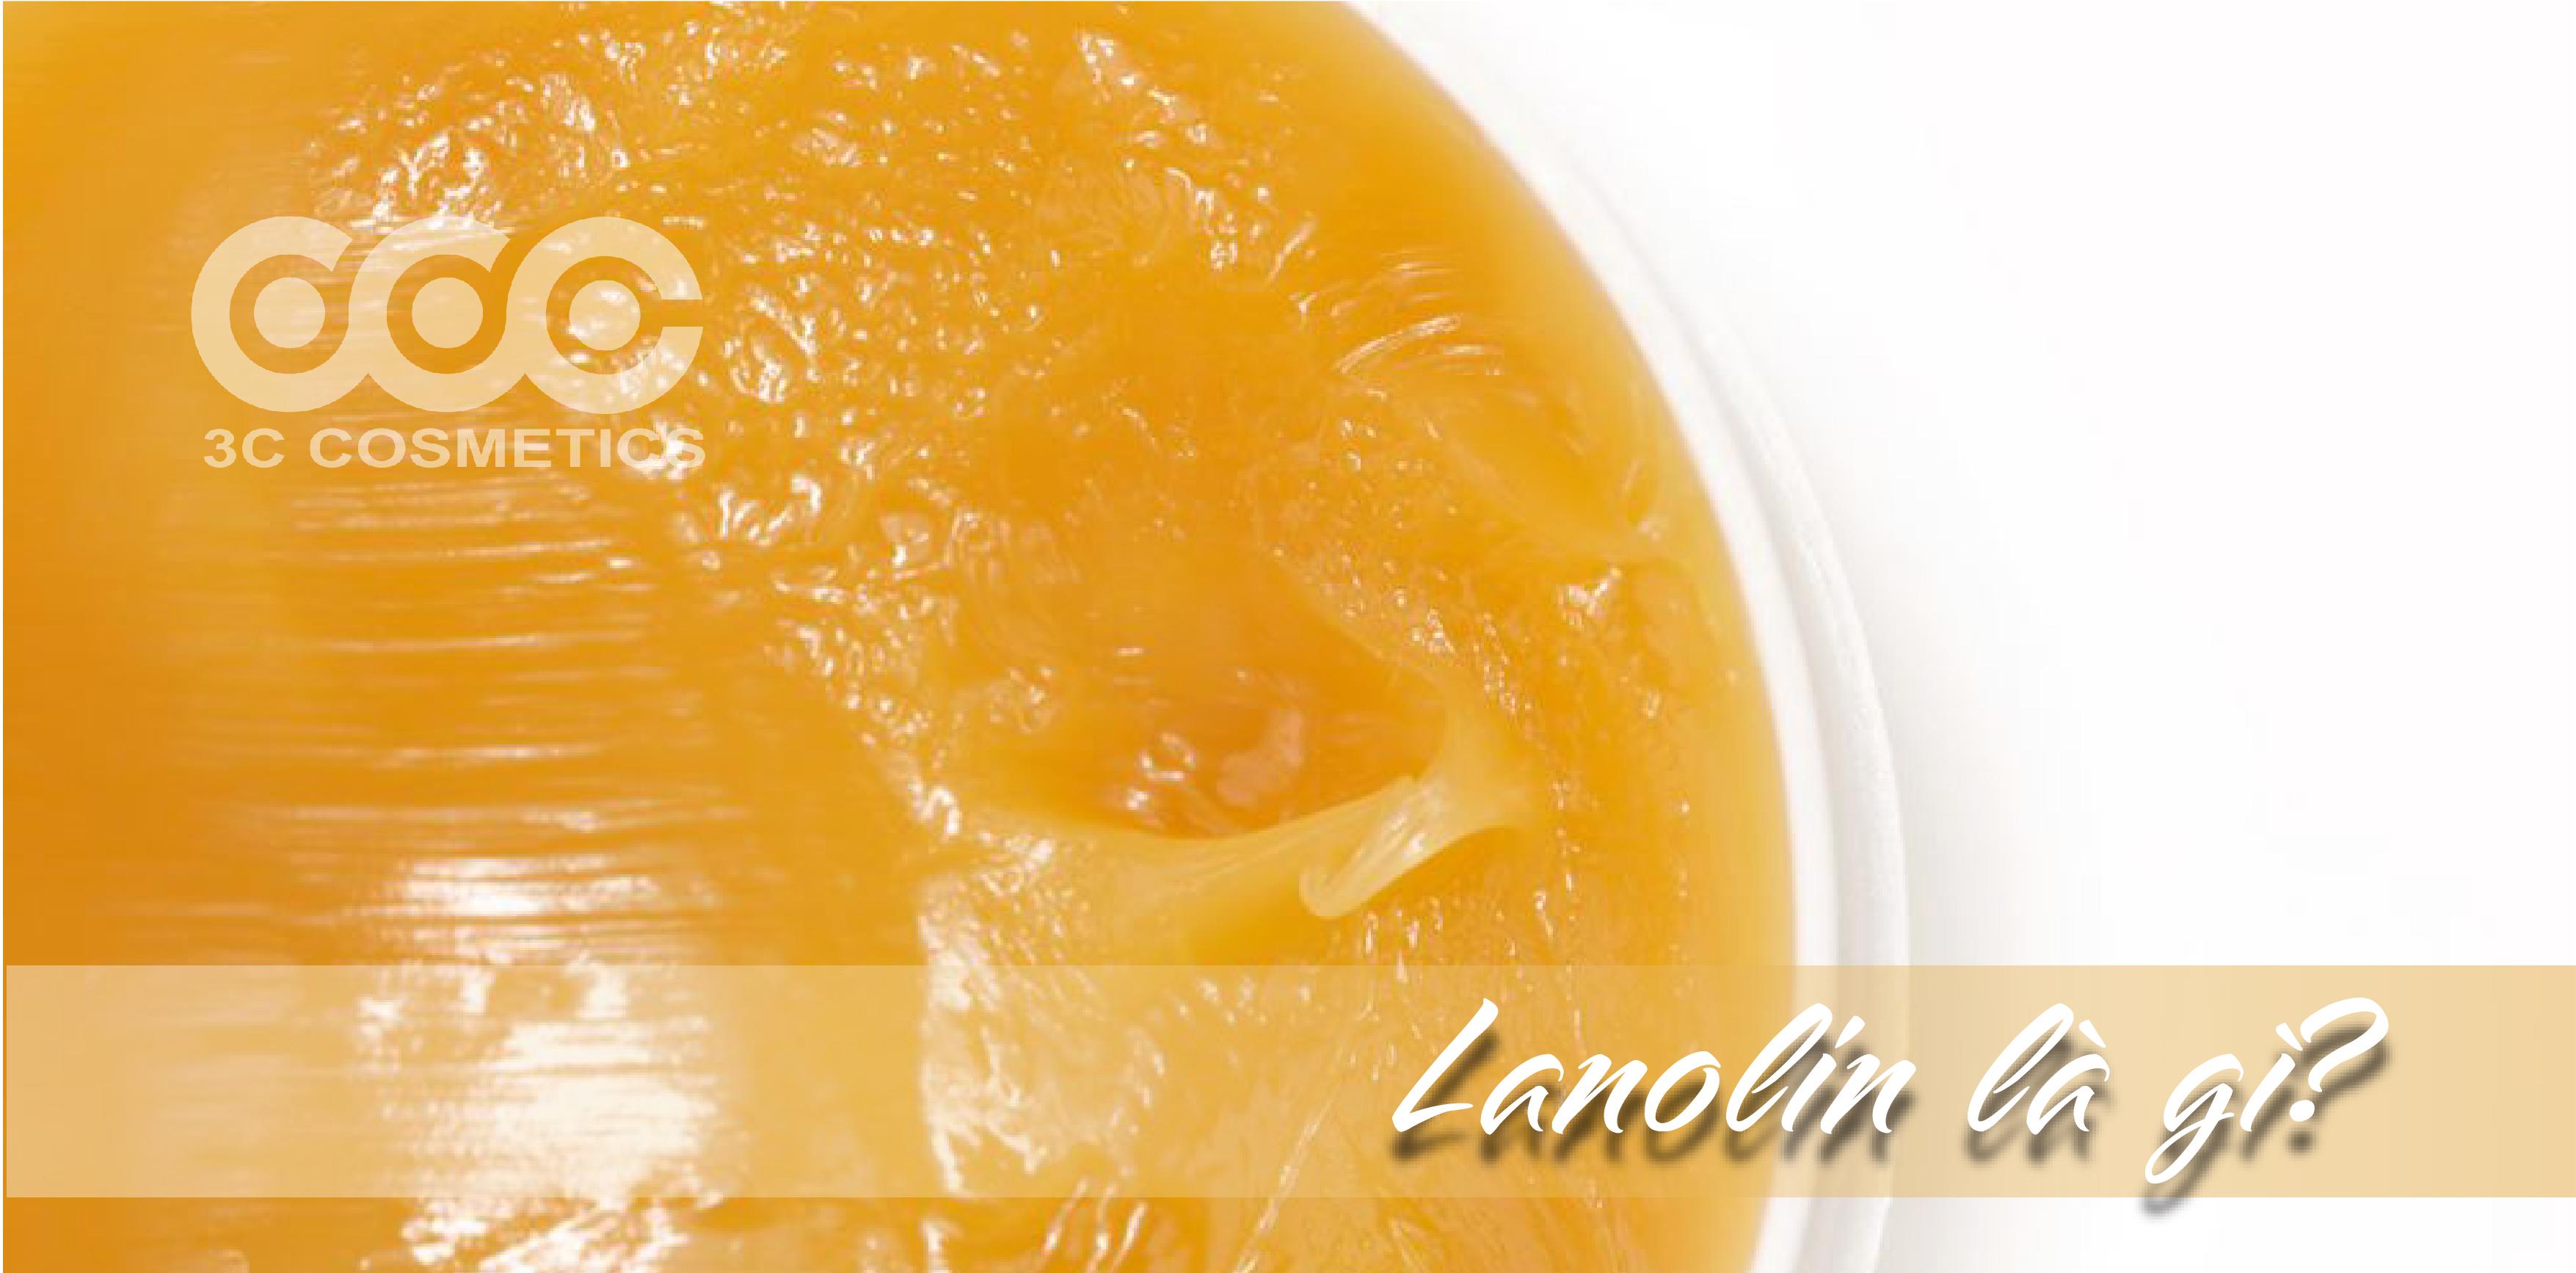 Lanolin là gì?